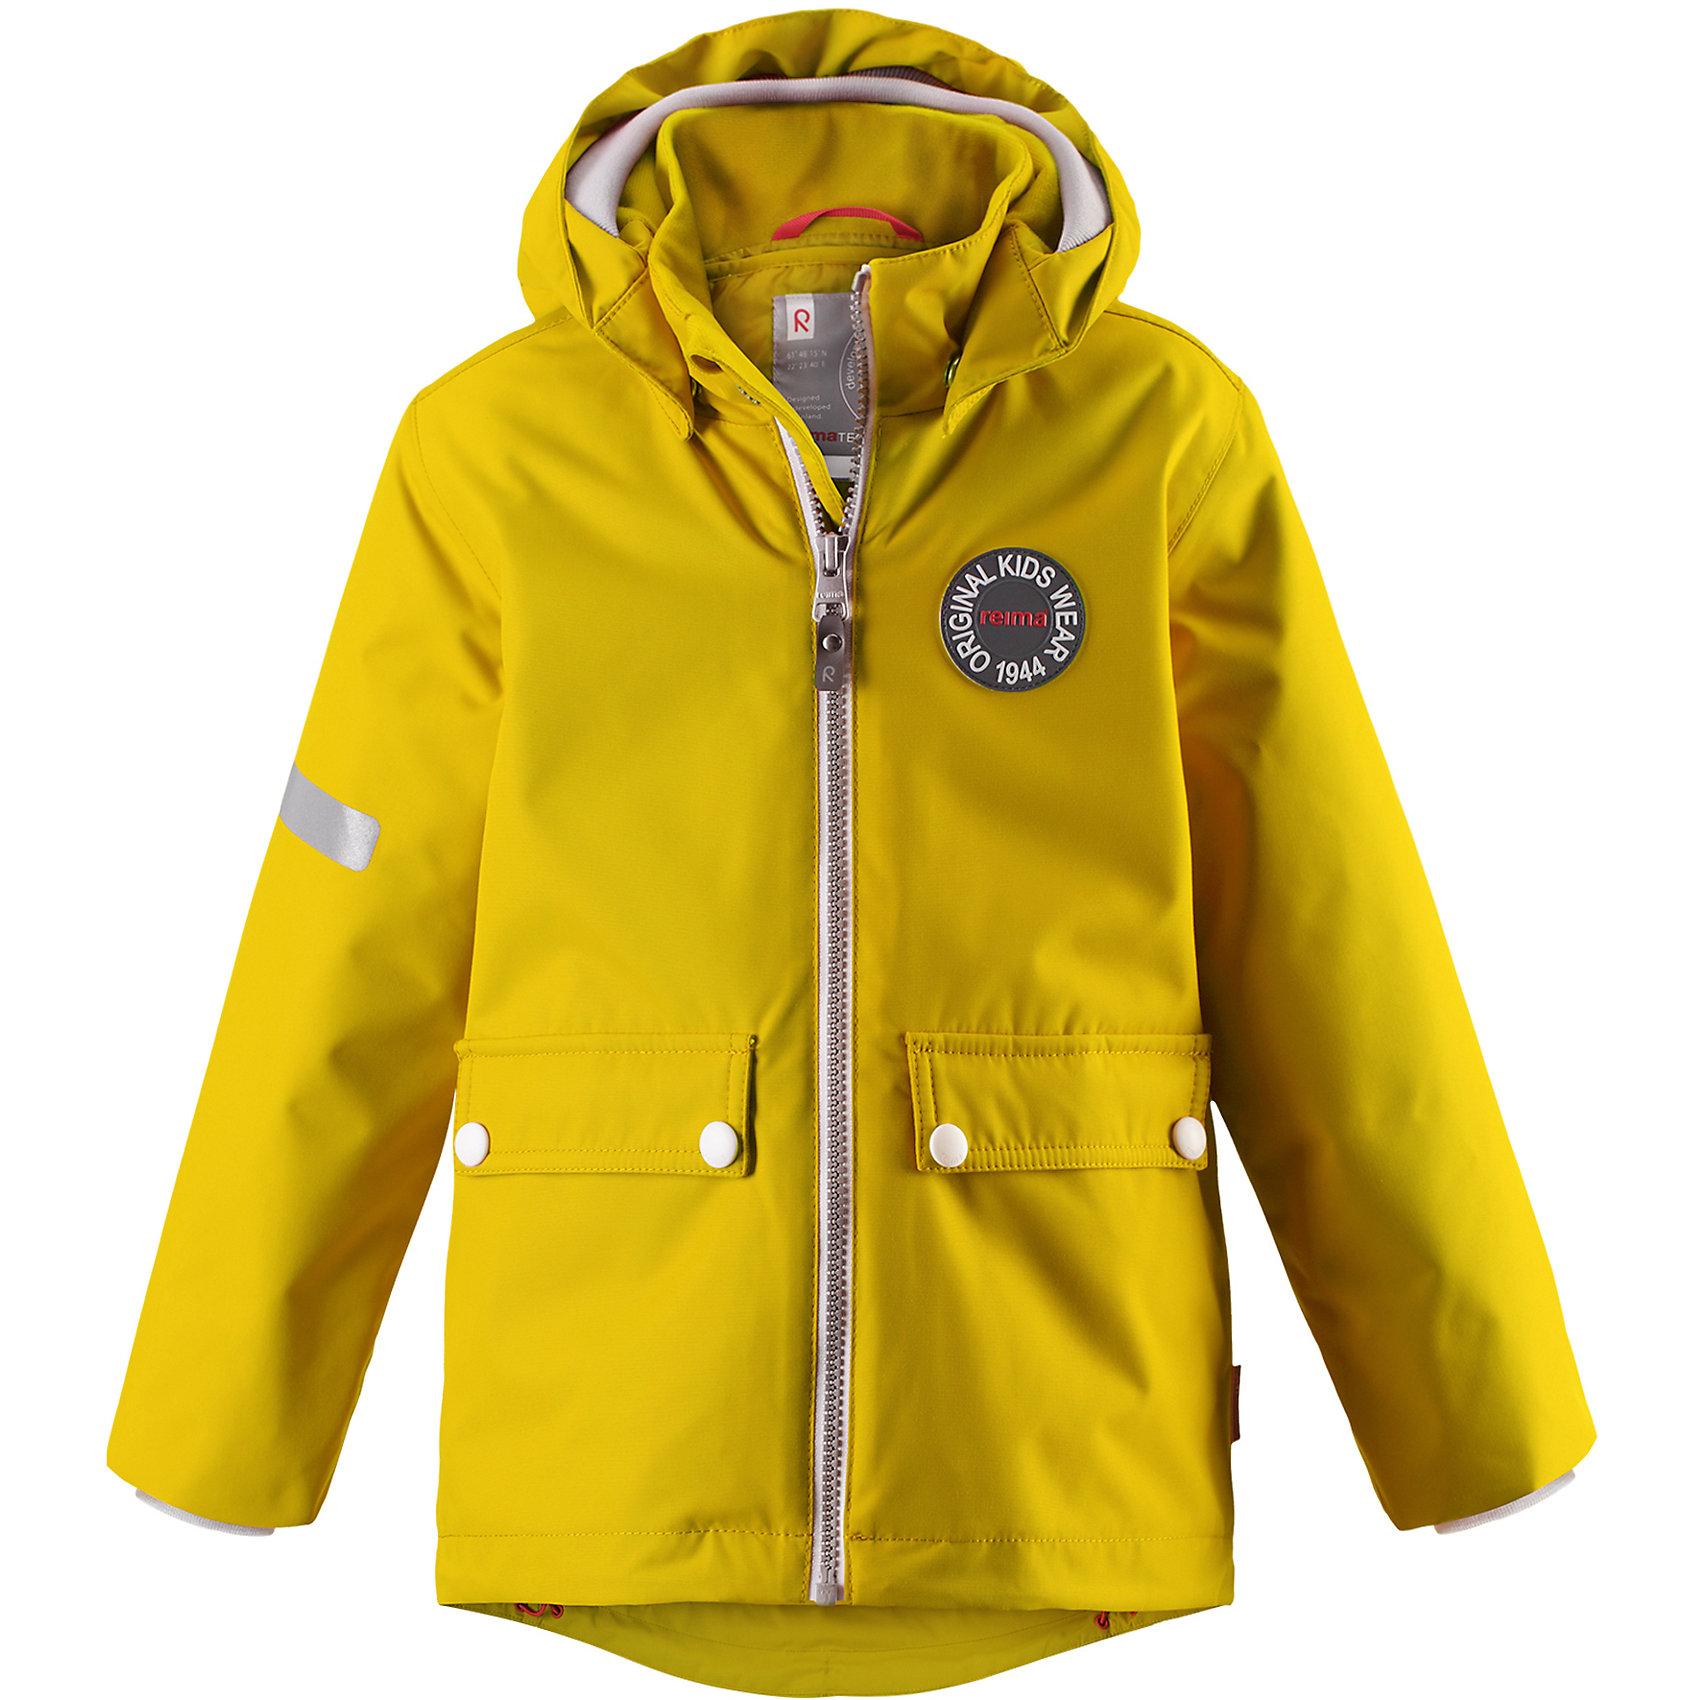 Куртка Taag Reimatec® ReimaВерхняя одежда<br>Характеристики товара:<br><br>• цвет: желтый;<br>• состав: 100% полиэстер;<br>• утеплитель: 140 г/м2;<br>• сезон: демисезон, зима;<br>• температурный режим: от +10 до -10С;<br>• водонепроницаемость: 10000 мм;<br>• воздухопроницаемость: 10000 мм;<br>• износостойкость: 30000 циклов (тест Мартиндейла);<br>• водо и ветронепроницаемый, дышащий и грязеотталкивающий материал;<br>• все швы проклеены и водонепроницаемы;<br>• безопасный съемный капюшон на кнопках;<br>• застежка: молния с защитой подбородка от защемления;<br>• съемная стеганая подкладка;<br>• мягкая резинка на кромке капюшона и манжетах;<br>• регулируемый подол;<br>• два накладных кармана на кнопках;<br>• логотип Reima® спереди;<br>• светоотражающие элементы;<br>• страна бренда: Финляндия;<br>• страна производства: Китай.<br><br>Демисезонная куртка с капюшоном, в ней дождь не страшен – все основные швы проклеены, водонепроницаемы. Куртка на молнии со съемной стеганой подкладкой – незаменимая вещь для осенней поры а когда похолодает, просто подденьте теплый промежуточный слой и куртка превратиться в отличный зимний вариант. <br><br>Подол в этой куртке прямого покроя легко регулируется, что позволяет подогнать ее идеально по фигуре. Большие карманы с клапанами и светоотражающие детали, вместе с мягкой резинкой на манжетах и по краю капюшона они придают образу изюминку.<br><br>Куртка Taag Reimatec® Reima (Рейма) можно купить в нашем интернет-магазине.<br><br>Ширина мм: 356<br>Глубина мм: 10<br>Высота мм: 245<br>Вес г: 519<br>Цвет: желтый<br>Возраст от месяцев: 72<br>Возраст до месяцев: 84<br>Пол: Унисекс<br>Возраст: Детский<br>Размер: 122,128,134,140,104,110,116<br>SKU: 6907728